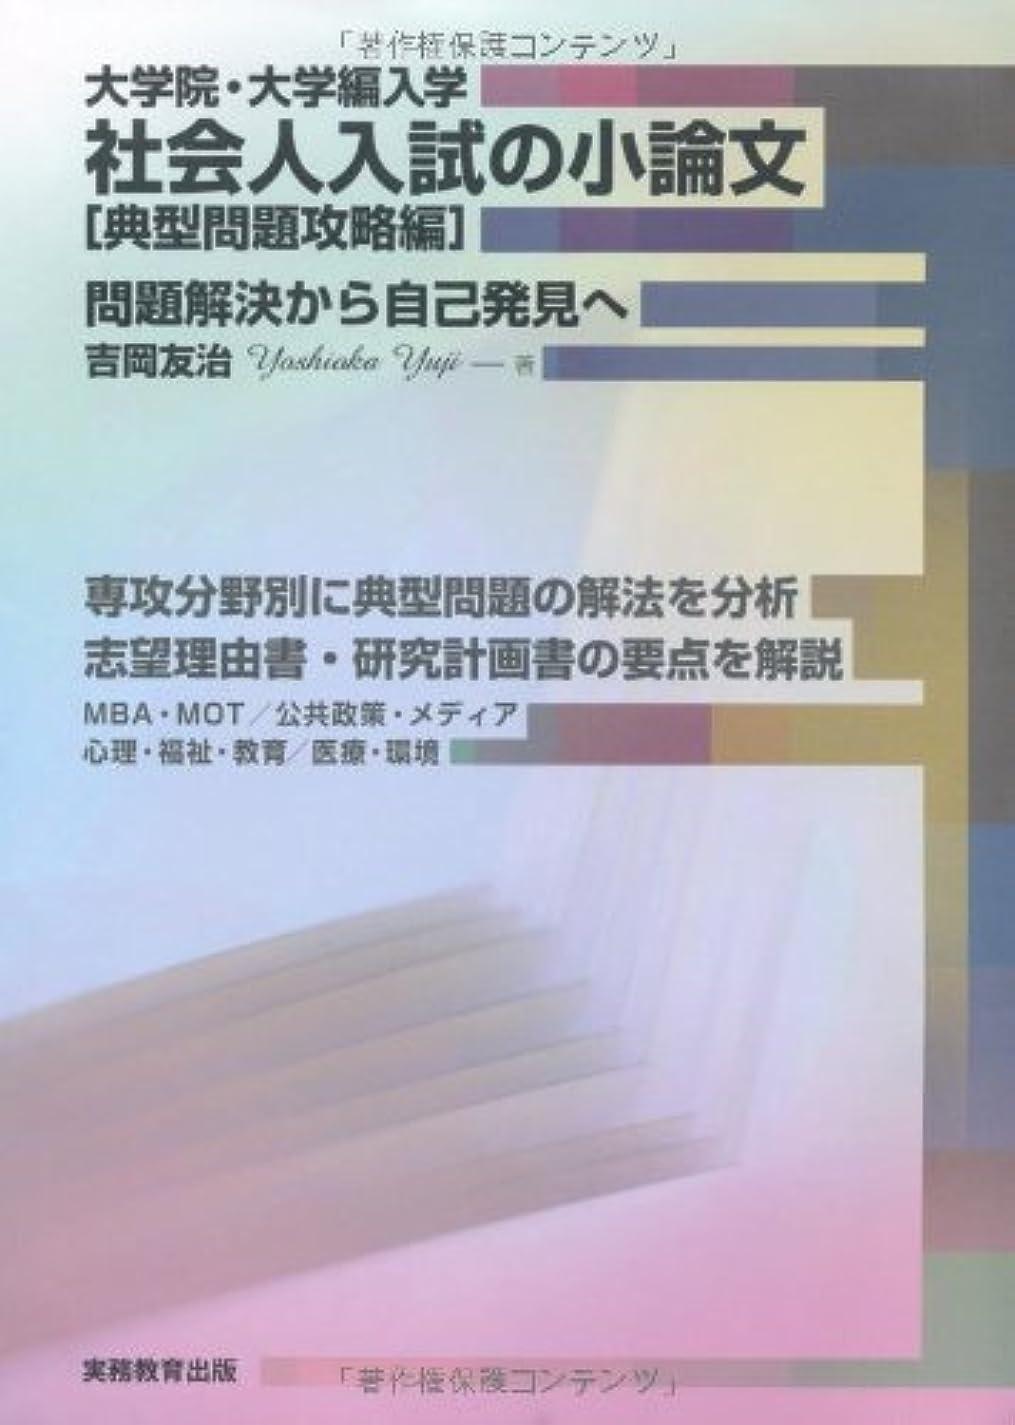 マニアックサルベージスナッチ詳解 人文科学系大学院への英語